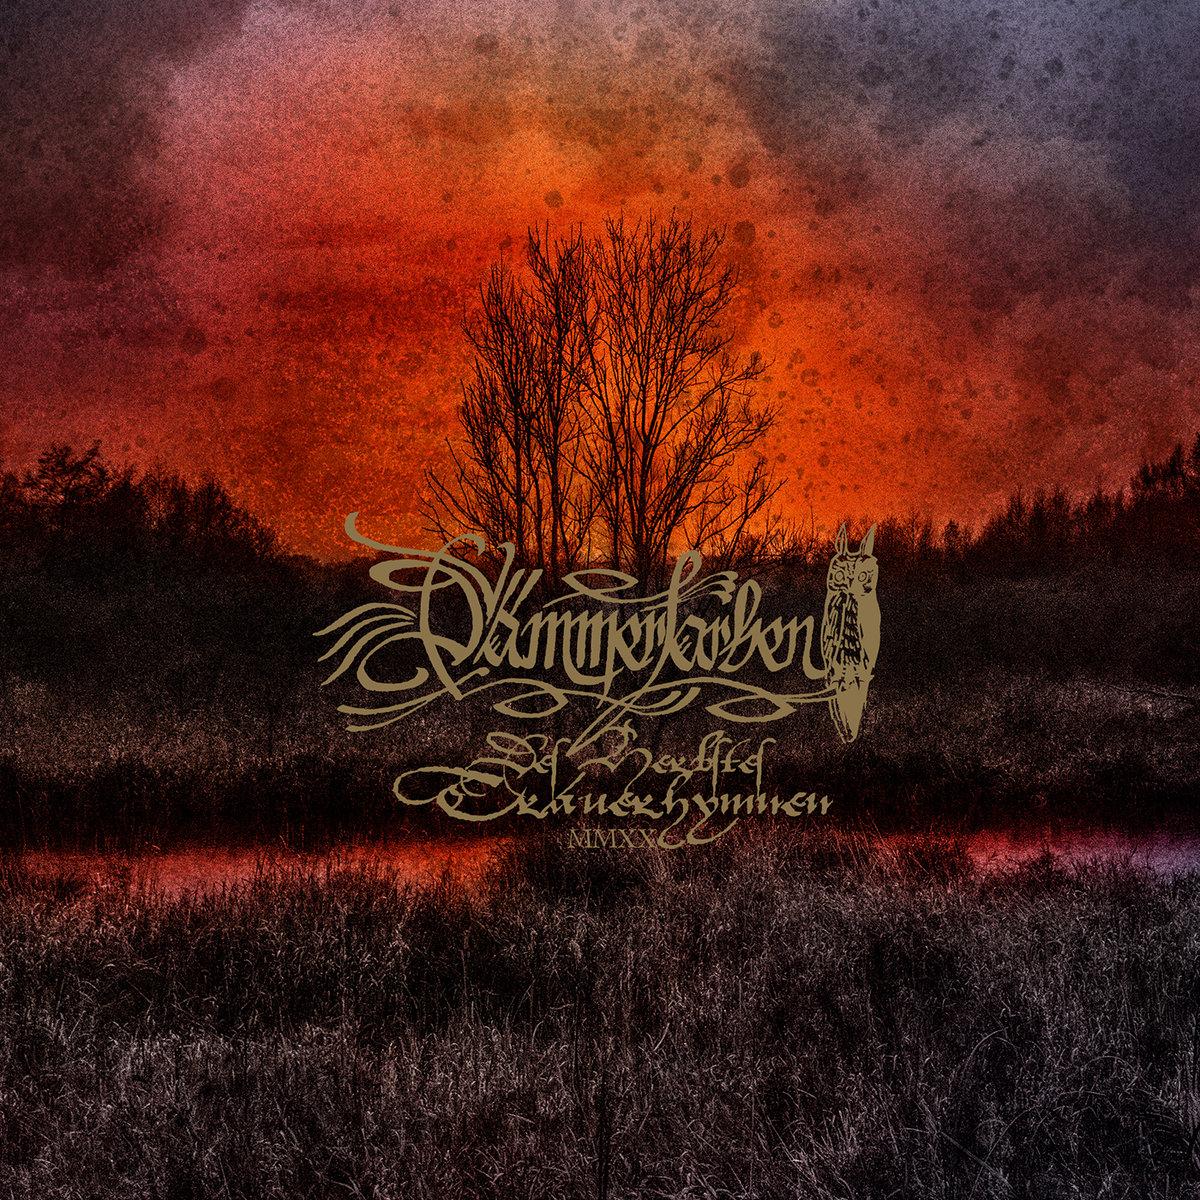 Des Herbstes Trauerhymnen MMXX Dämmerfarben Cover Art